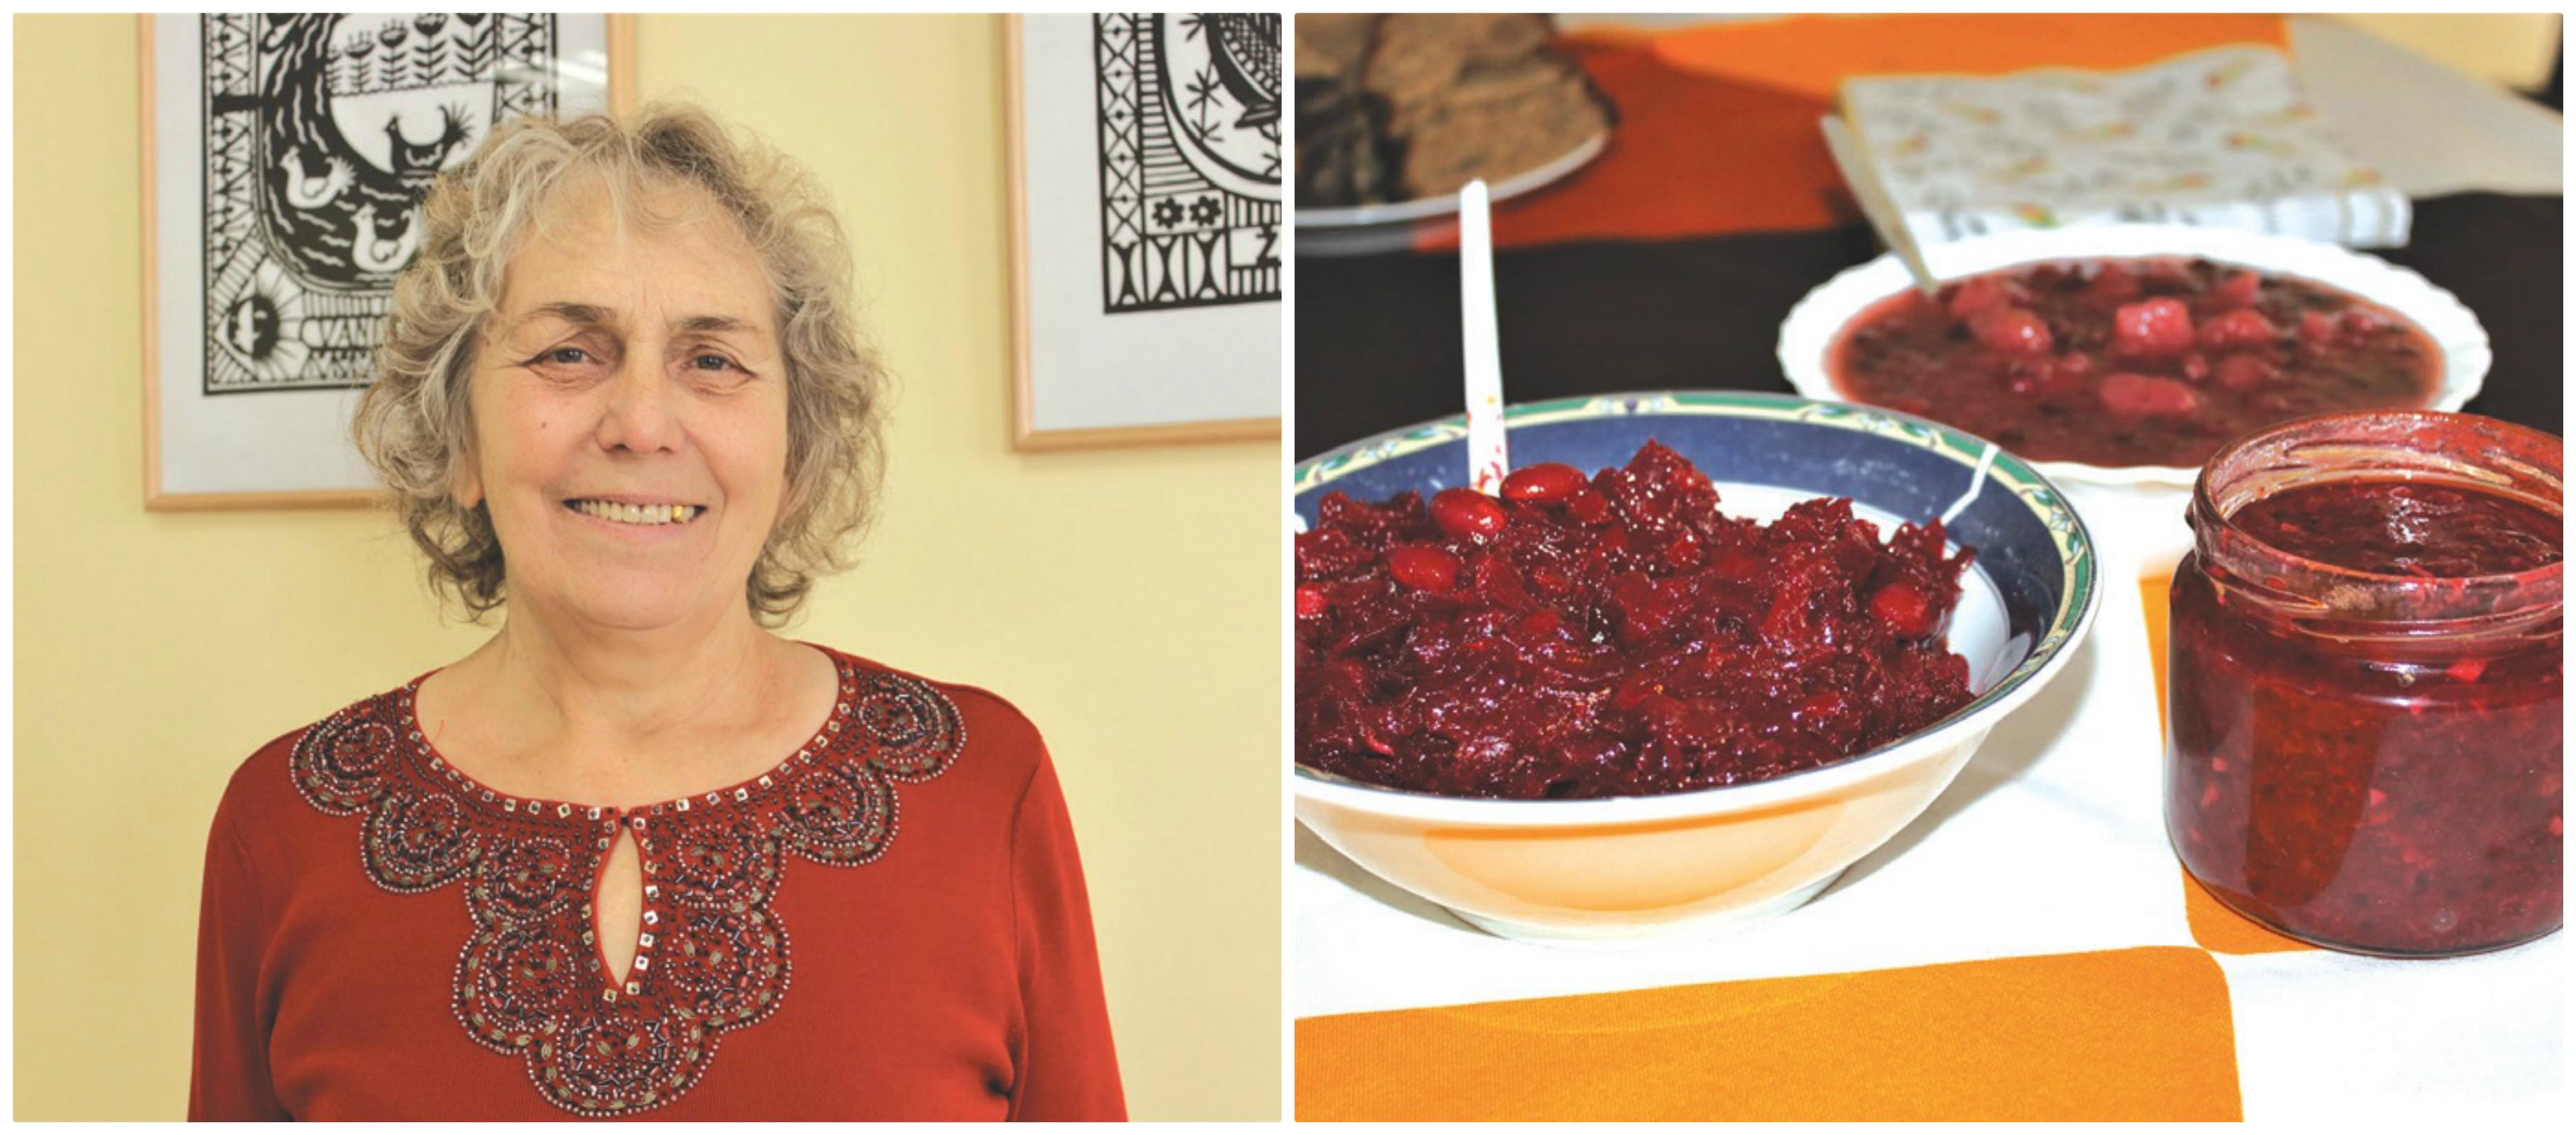 Nijolė Ribelienė – visų Pajieslyje organizuotų Šeimininkių sambūrių dalyvė, šį kartą su savimi atsinešė konservuotų gaminių./Džestinos Borodinaitės nuotr.